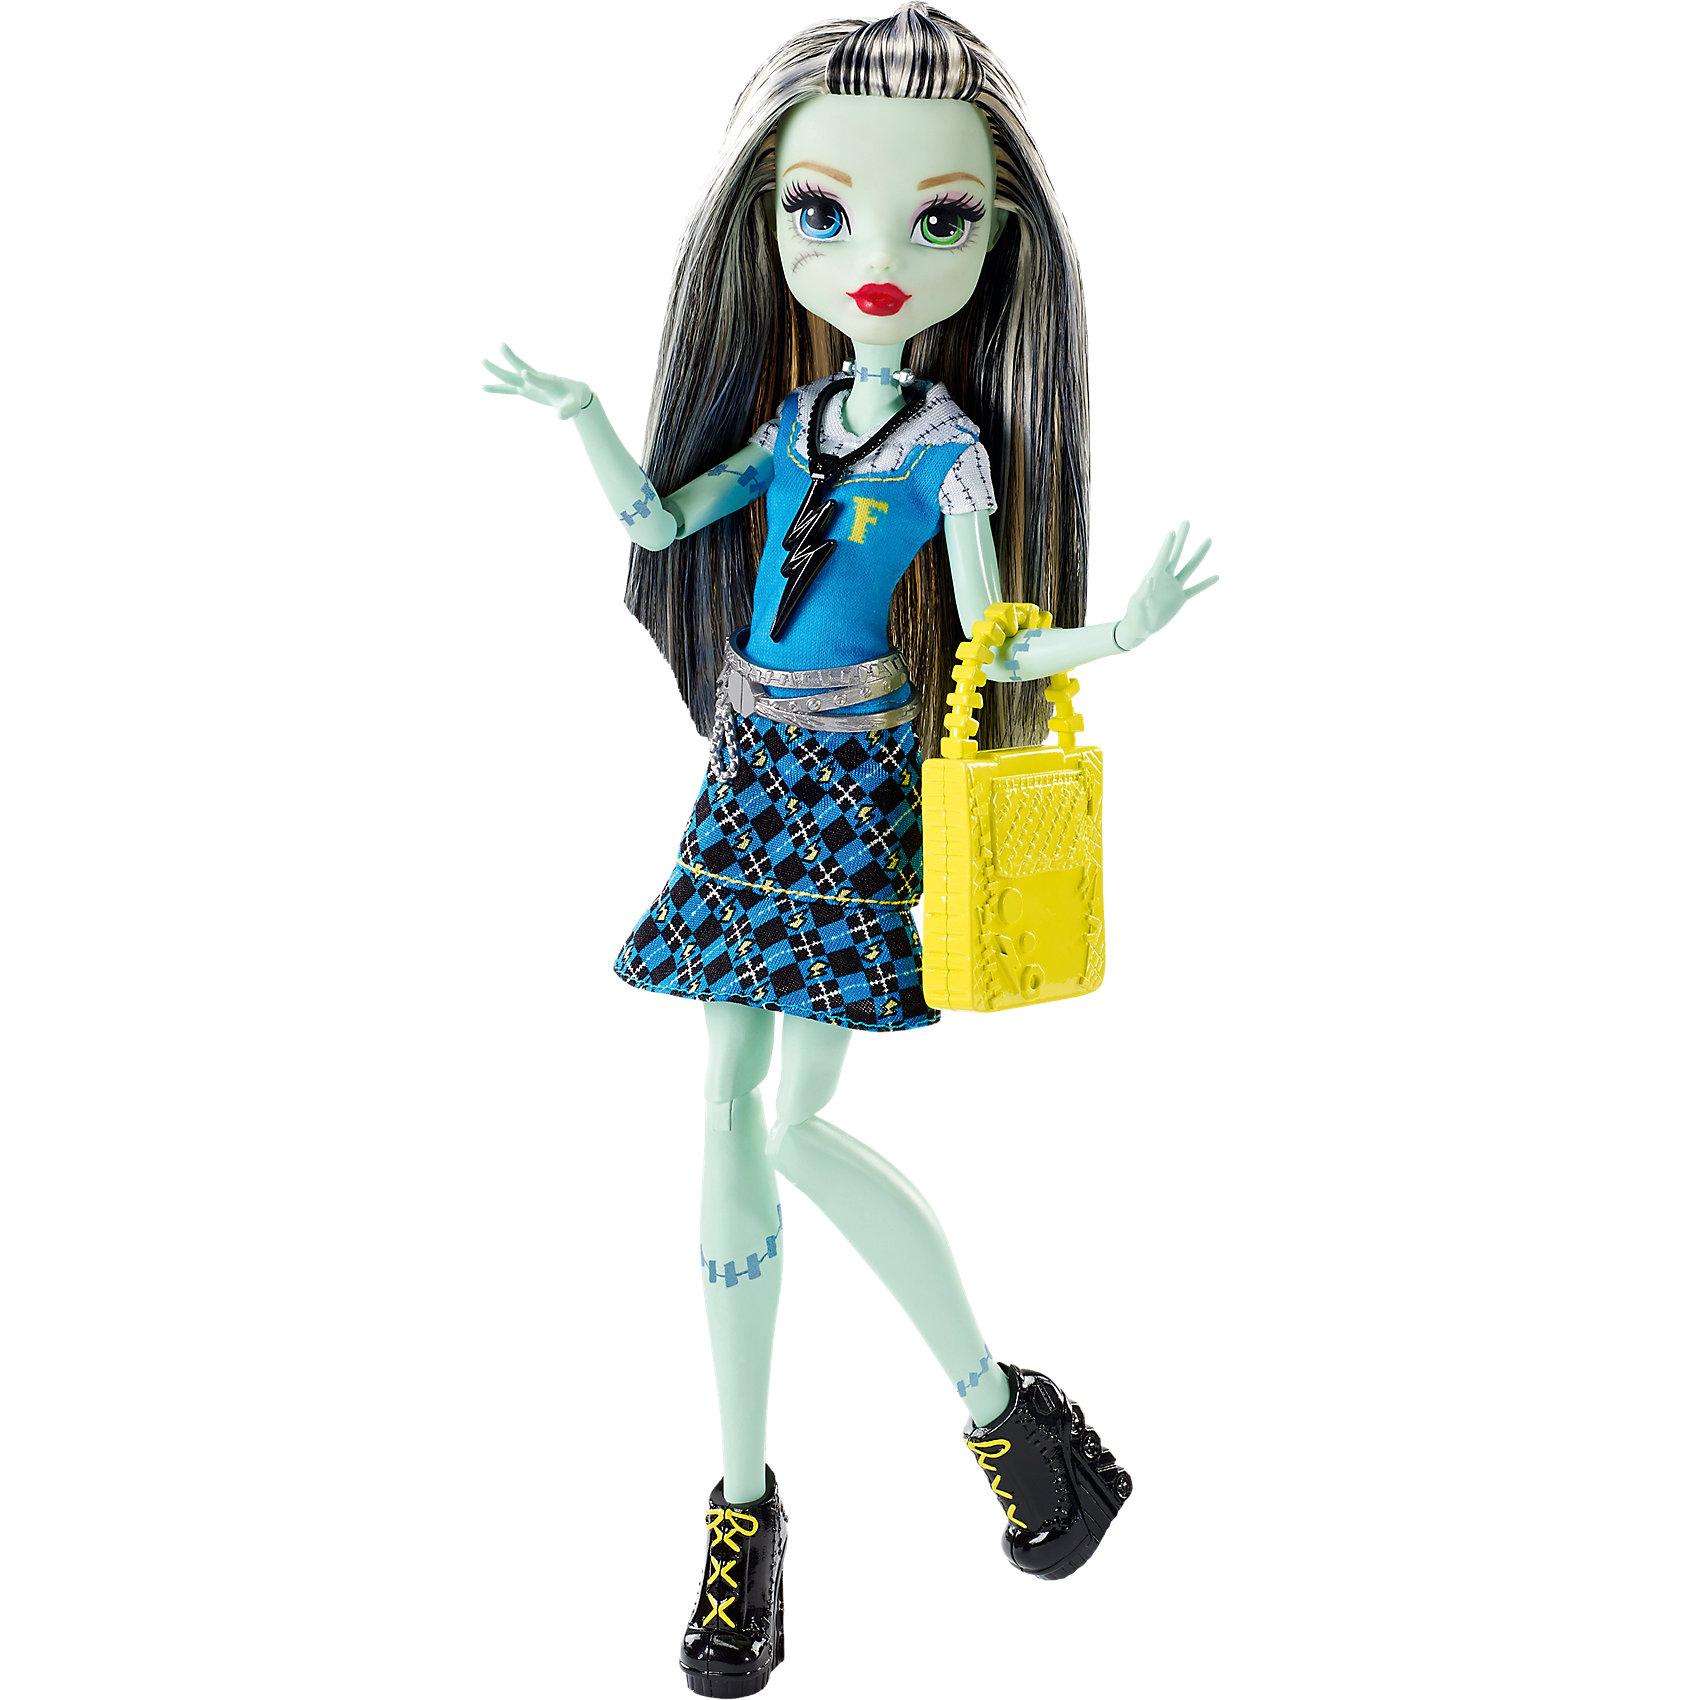 Кукла Фрэнки Штейн в модном наряде, Monster HighMonster High<br>Фрэнки Штейн - милая девочка, дочь профессора Франкенштейна. На этот раз она красиво нарядилась для первого дня в школе Monster High. Кукла одета в модное платье с молнией и стильные туфельки. Желтая сумочка и украшение на шее прекрасно дополняют образ юной леди.<br><br>Дополнительная информация:<br>Материал: пластик<br>Куклу Фрэнки Штейн можно купить в нашем интернет-магазине.<br><br>Ширина мм: 337<br>Глубина мм: 154<br>Высота мм: 68<br>Вес г: 215<br>Возраст от месяцев: 72<br>Возраст до месяцев: 144<br>Пол: Женский<br>Возраст: Детский<br>SKU: 4765347